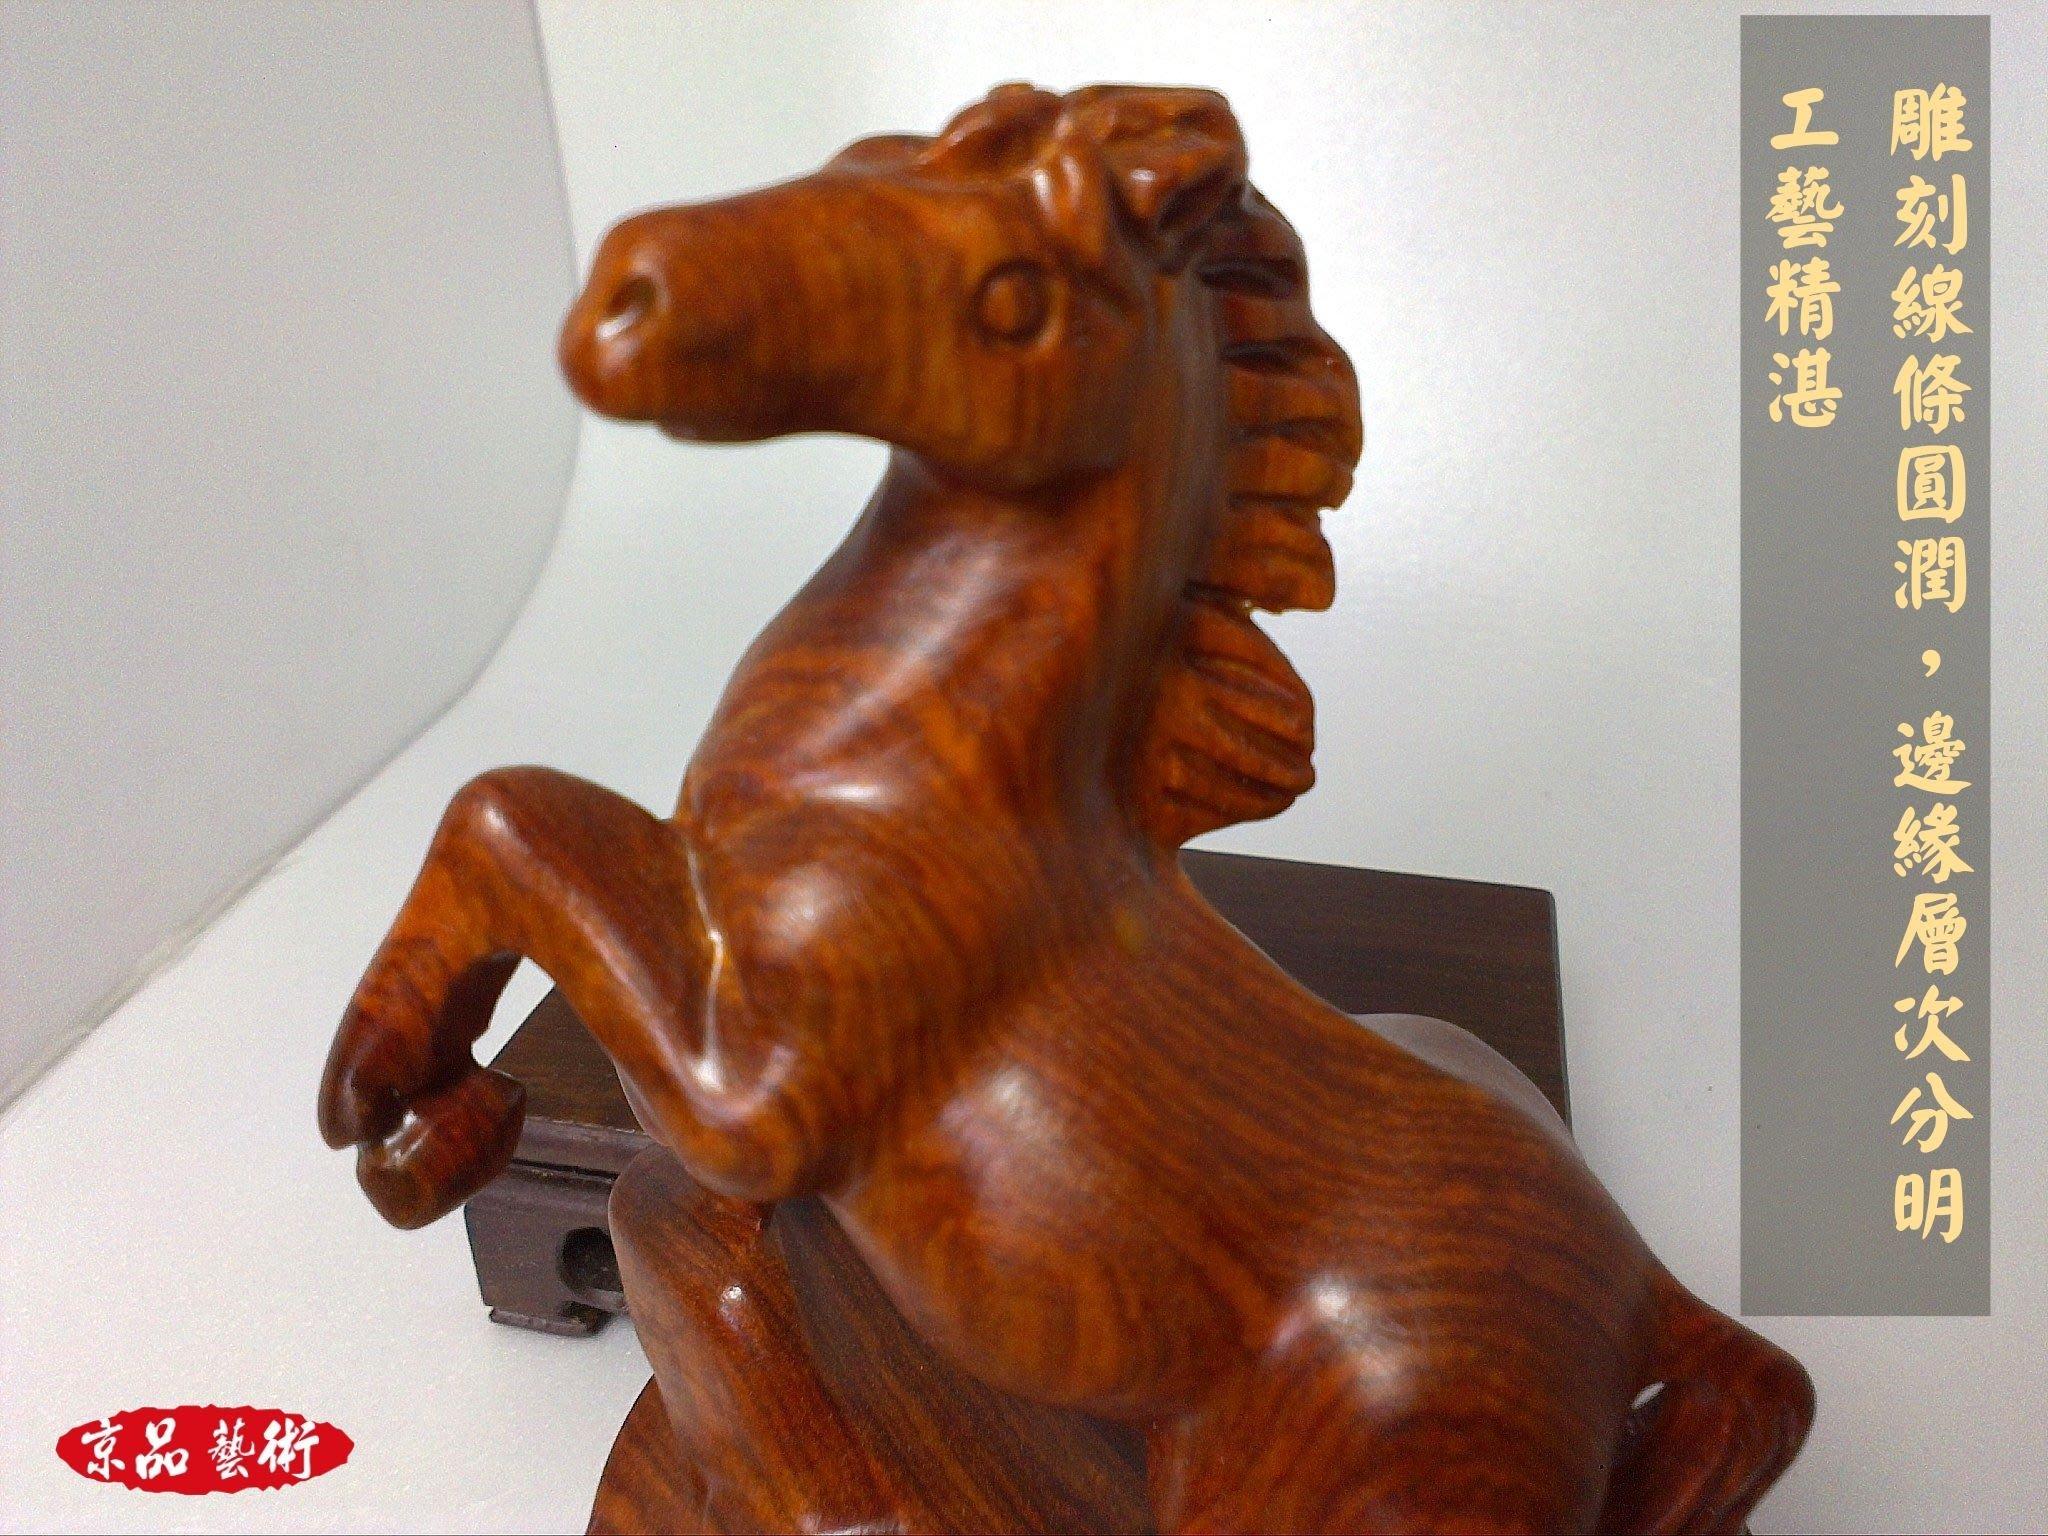 〈花梨木雕馬〉非洲紫檀木 高約14公分 紅木工藝品 黃花梨擺件 整木無修無補 花紋美 雕工精湛 材料精挑細選 材質密度高